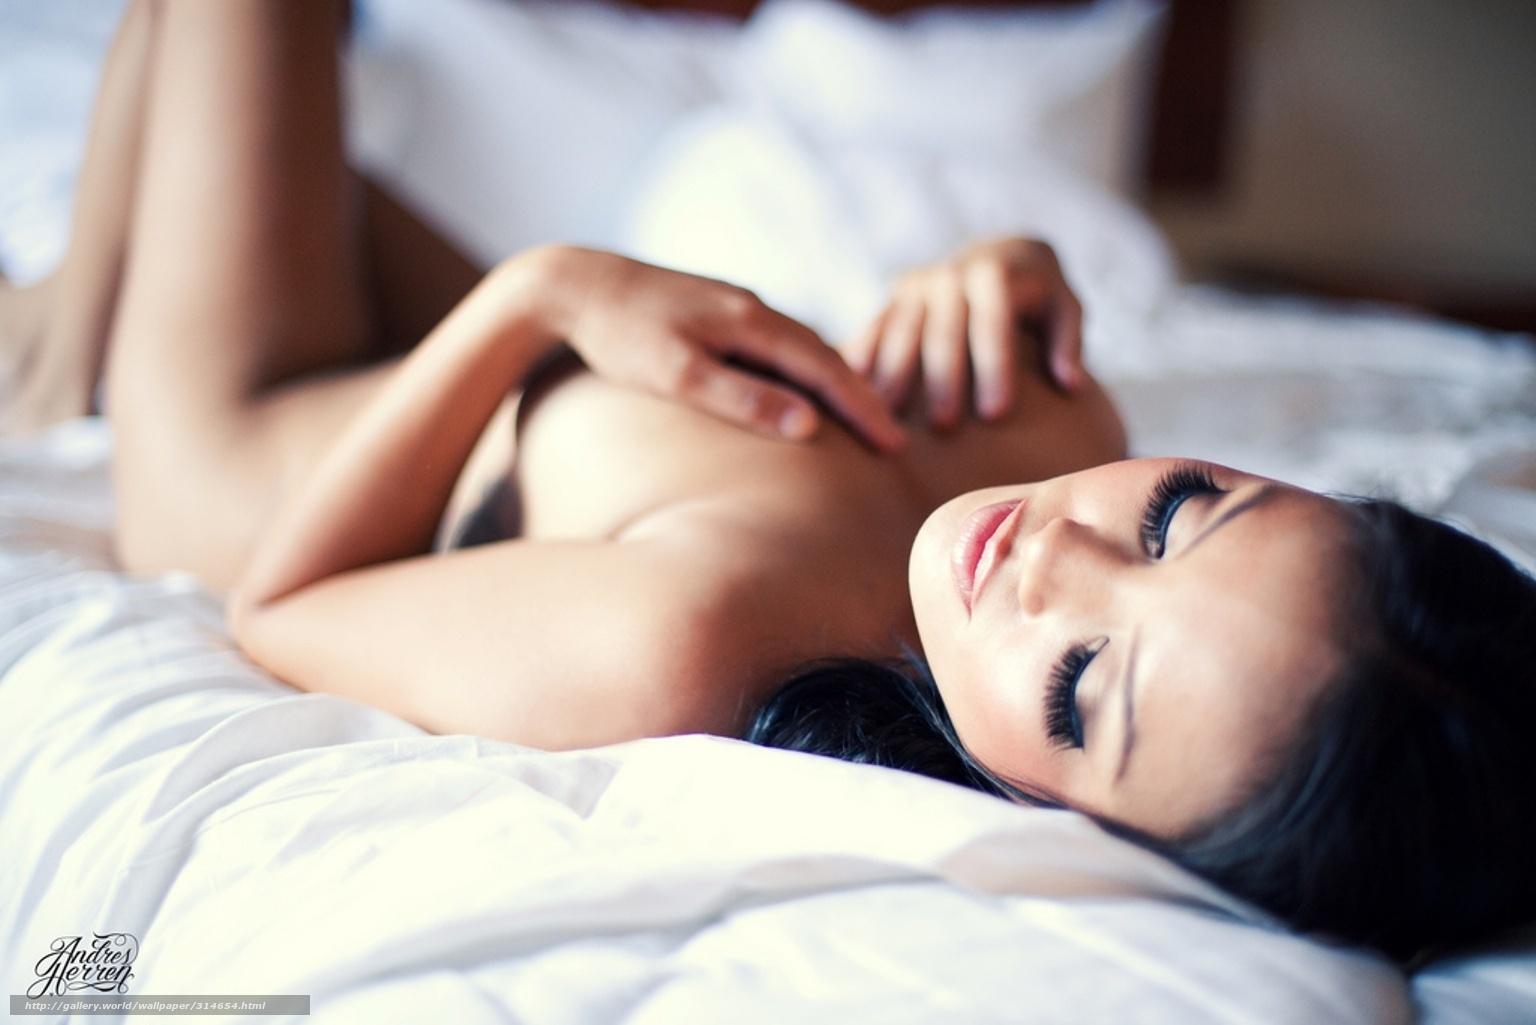 Фотосессия девушки в постели 26 фотография